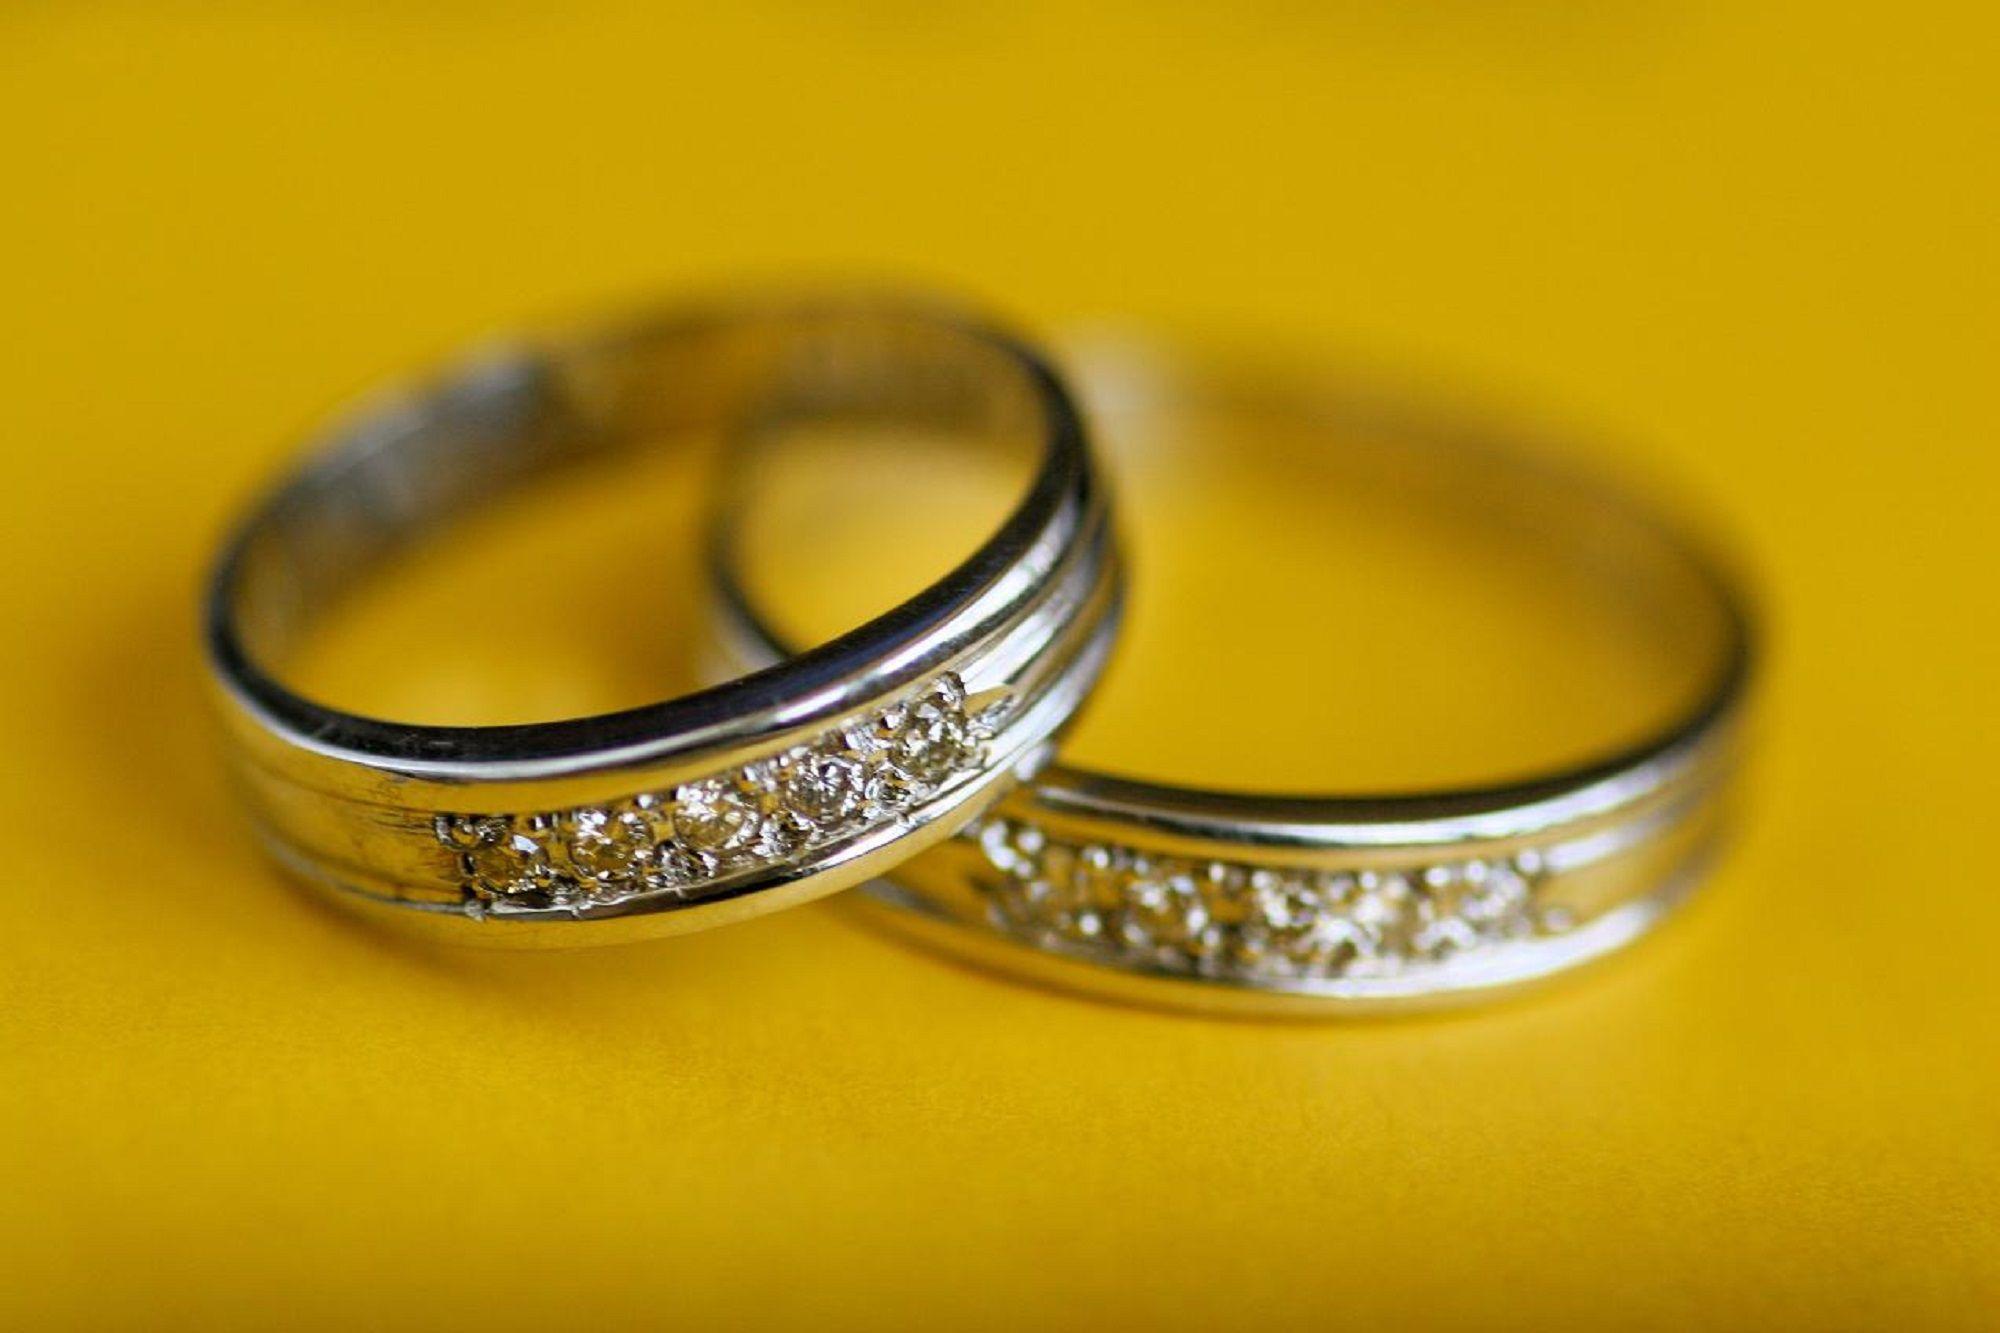 Wedding Ring Designs Ongpin Wedding Ring Designs Ring Designs Beautiful Rings